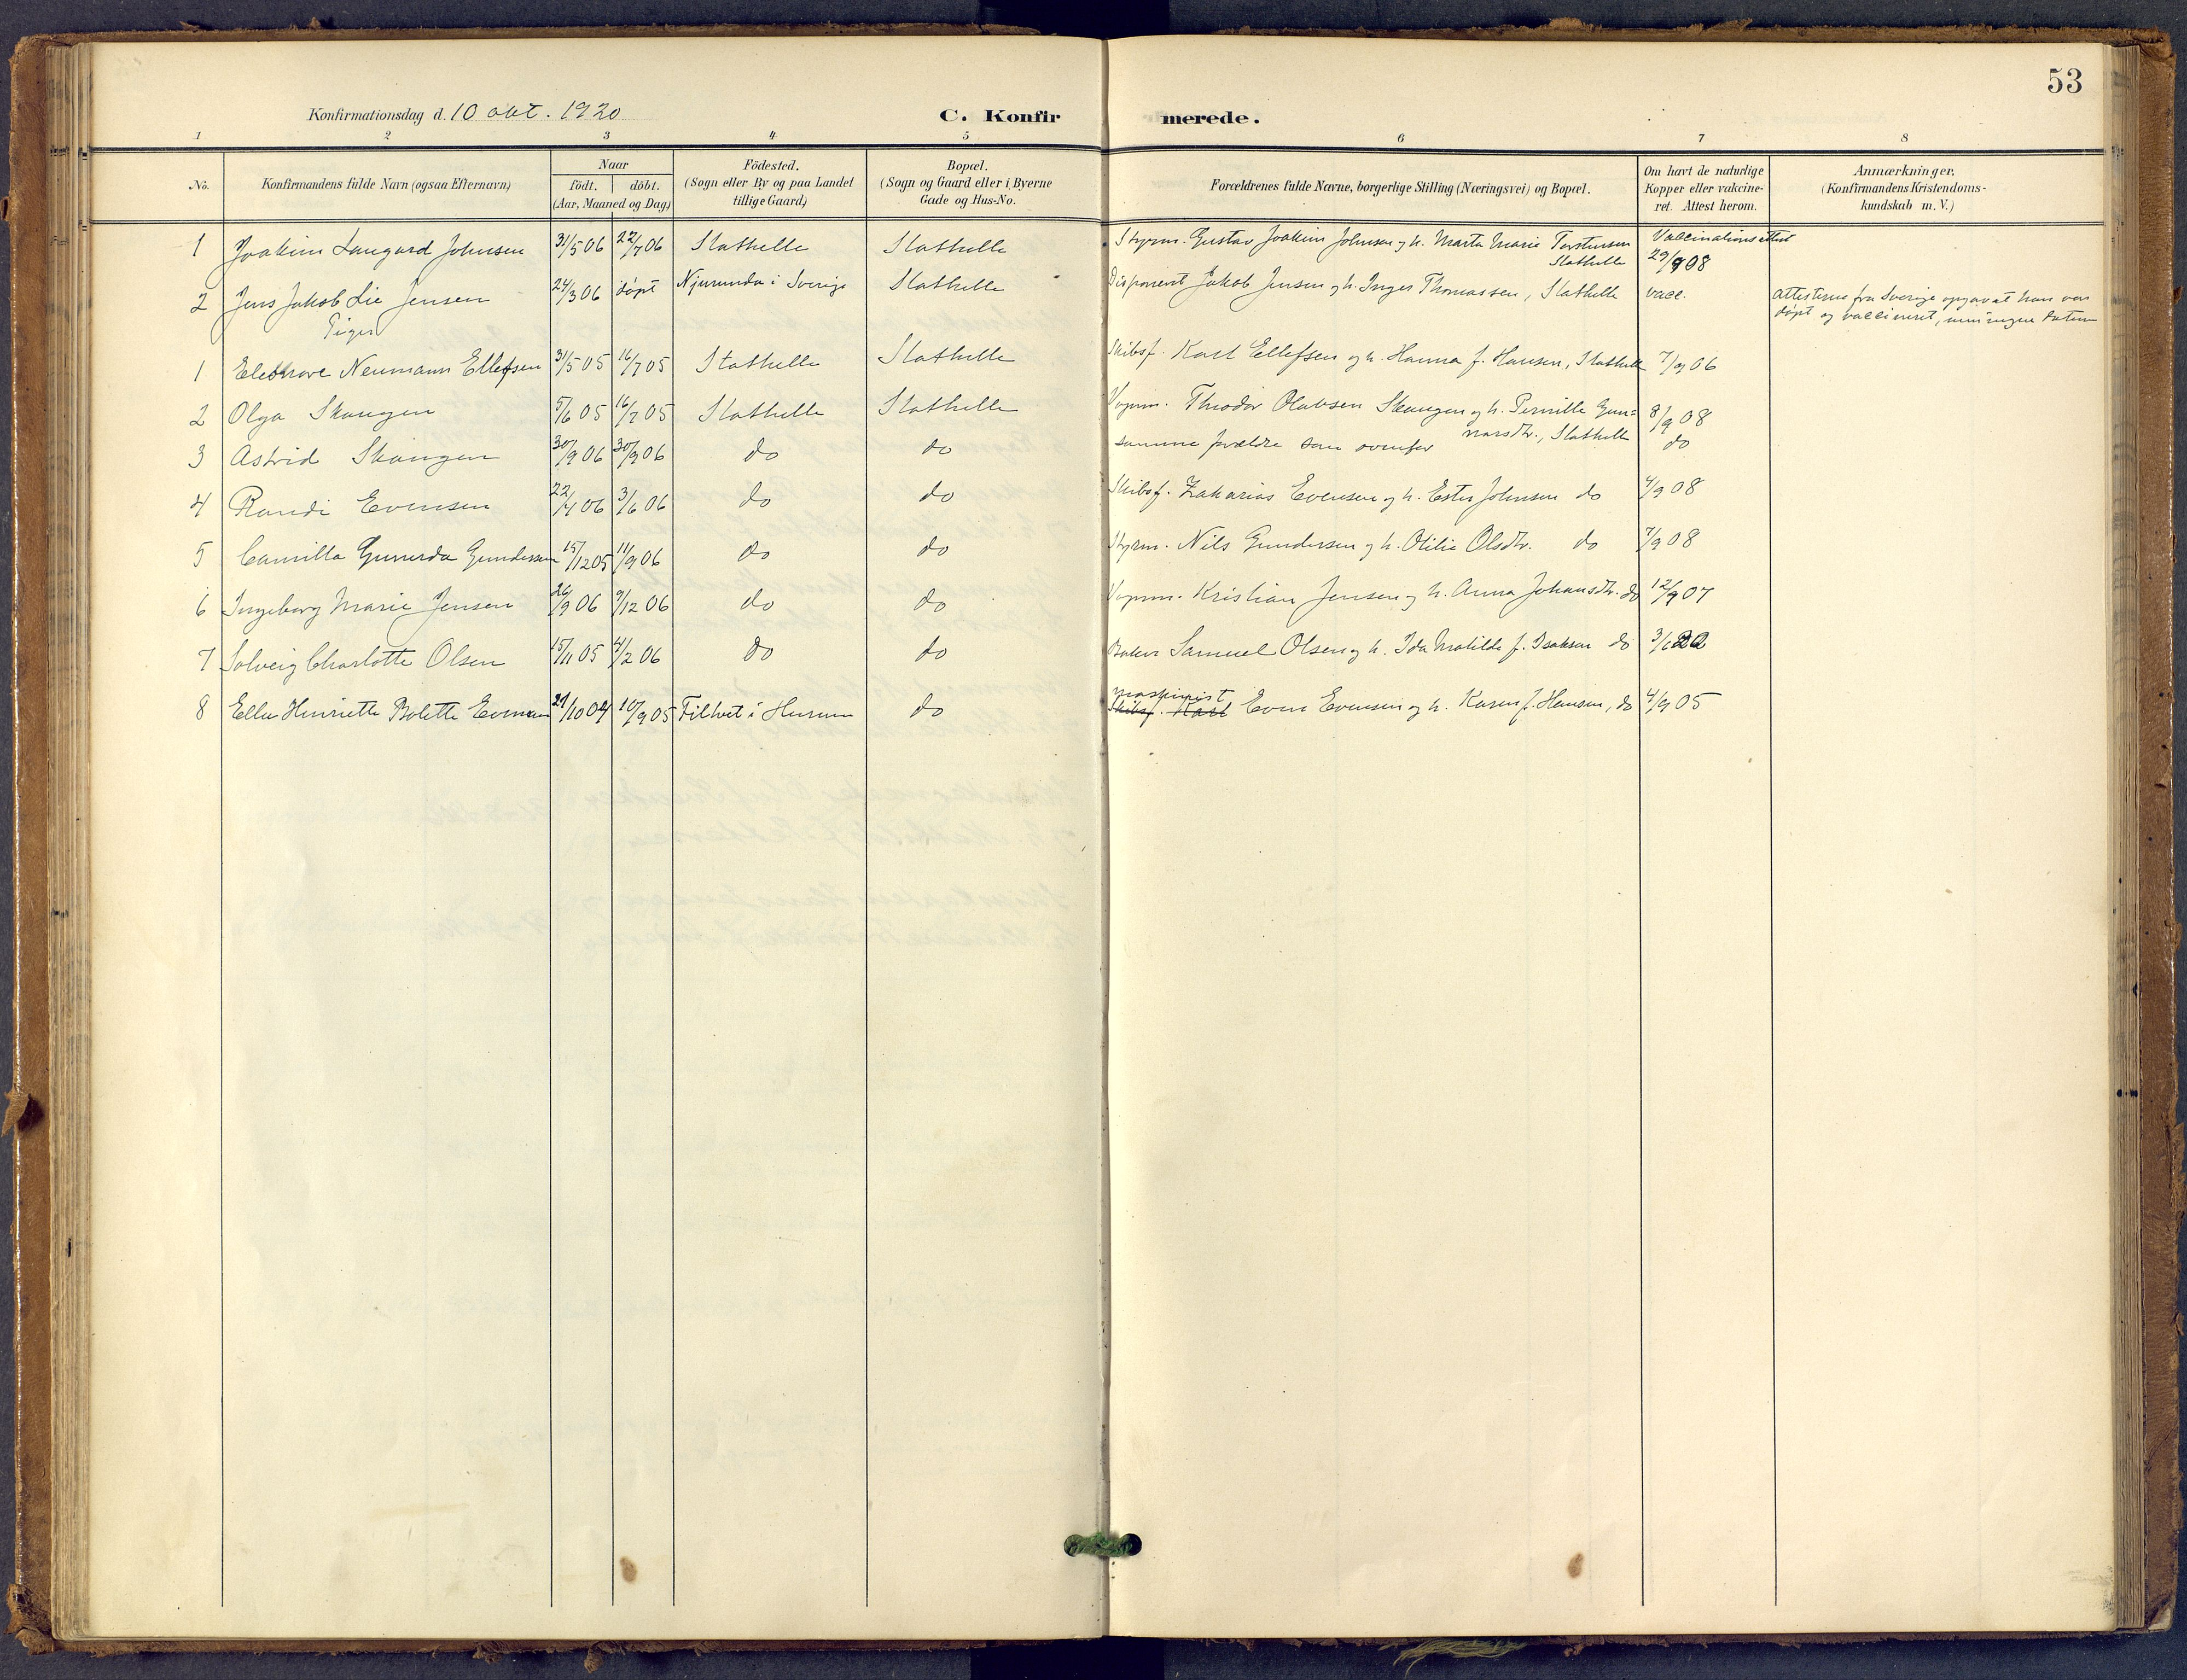 SAKO, Bamble kirkebøker, F/Fb/L0002: Ministerialbok nr. II 2, 1900-1921, s. 53